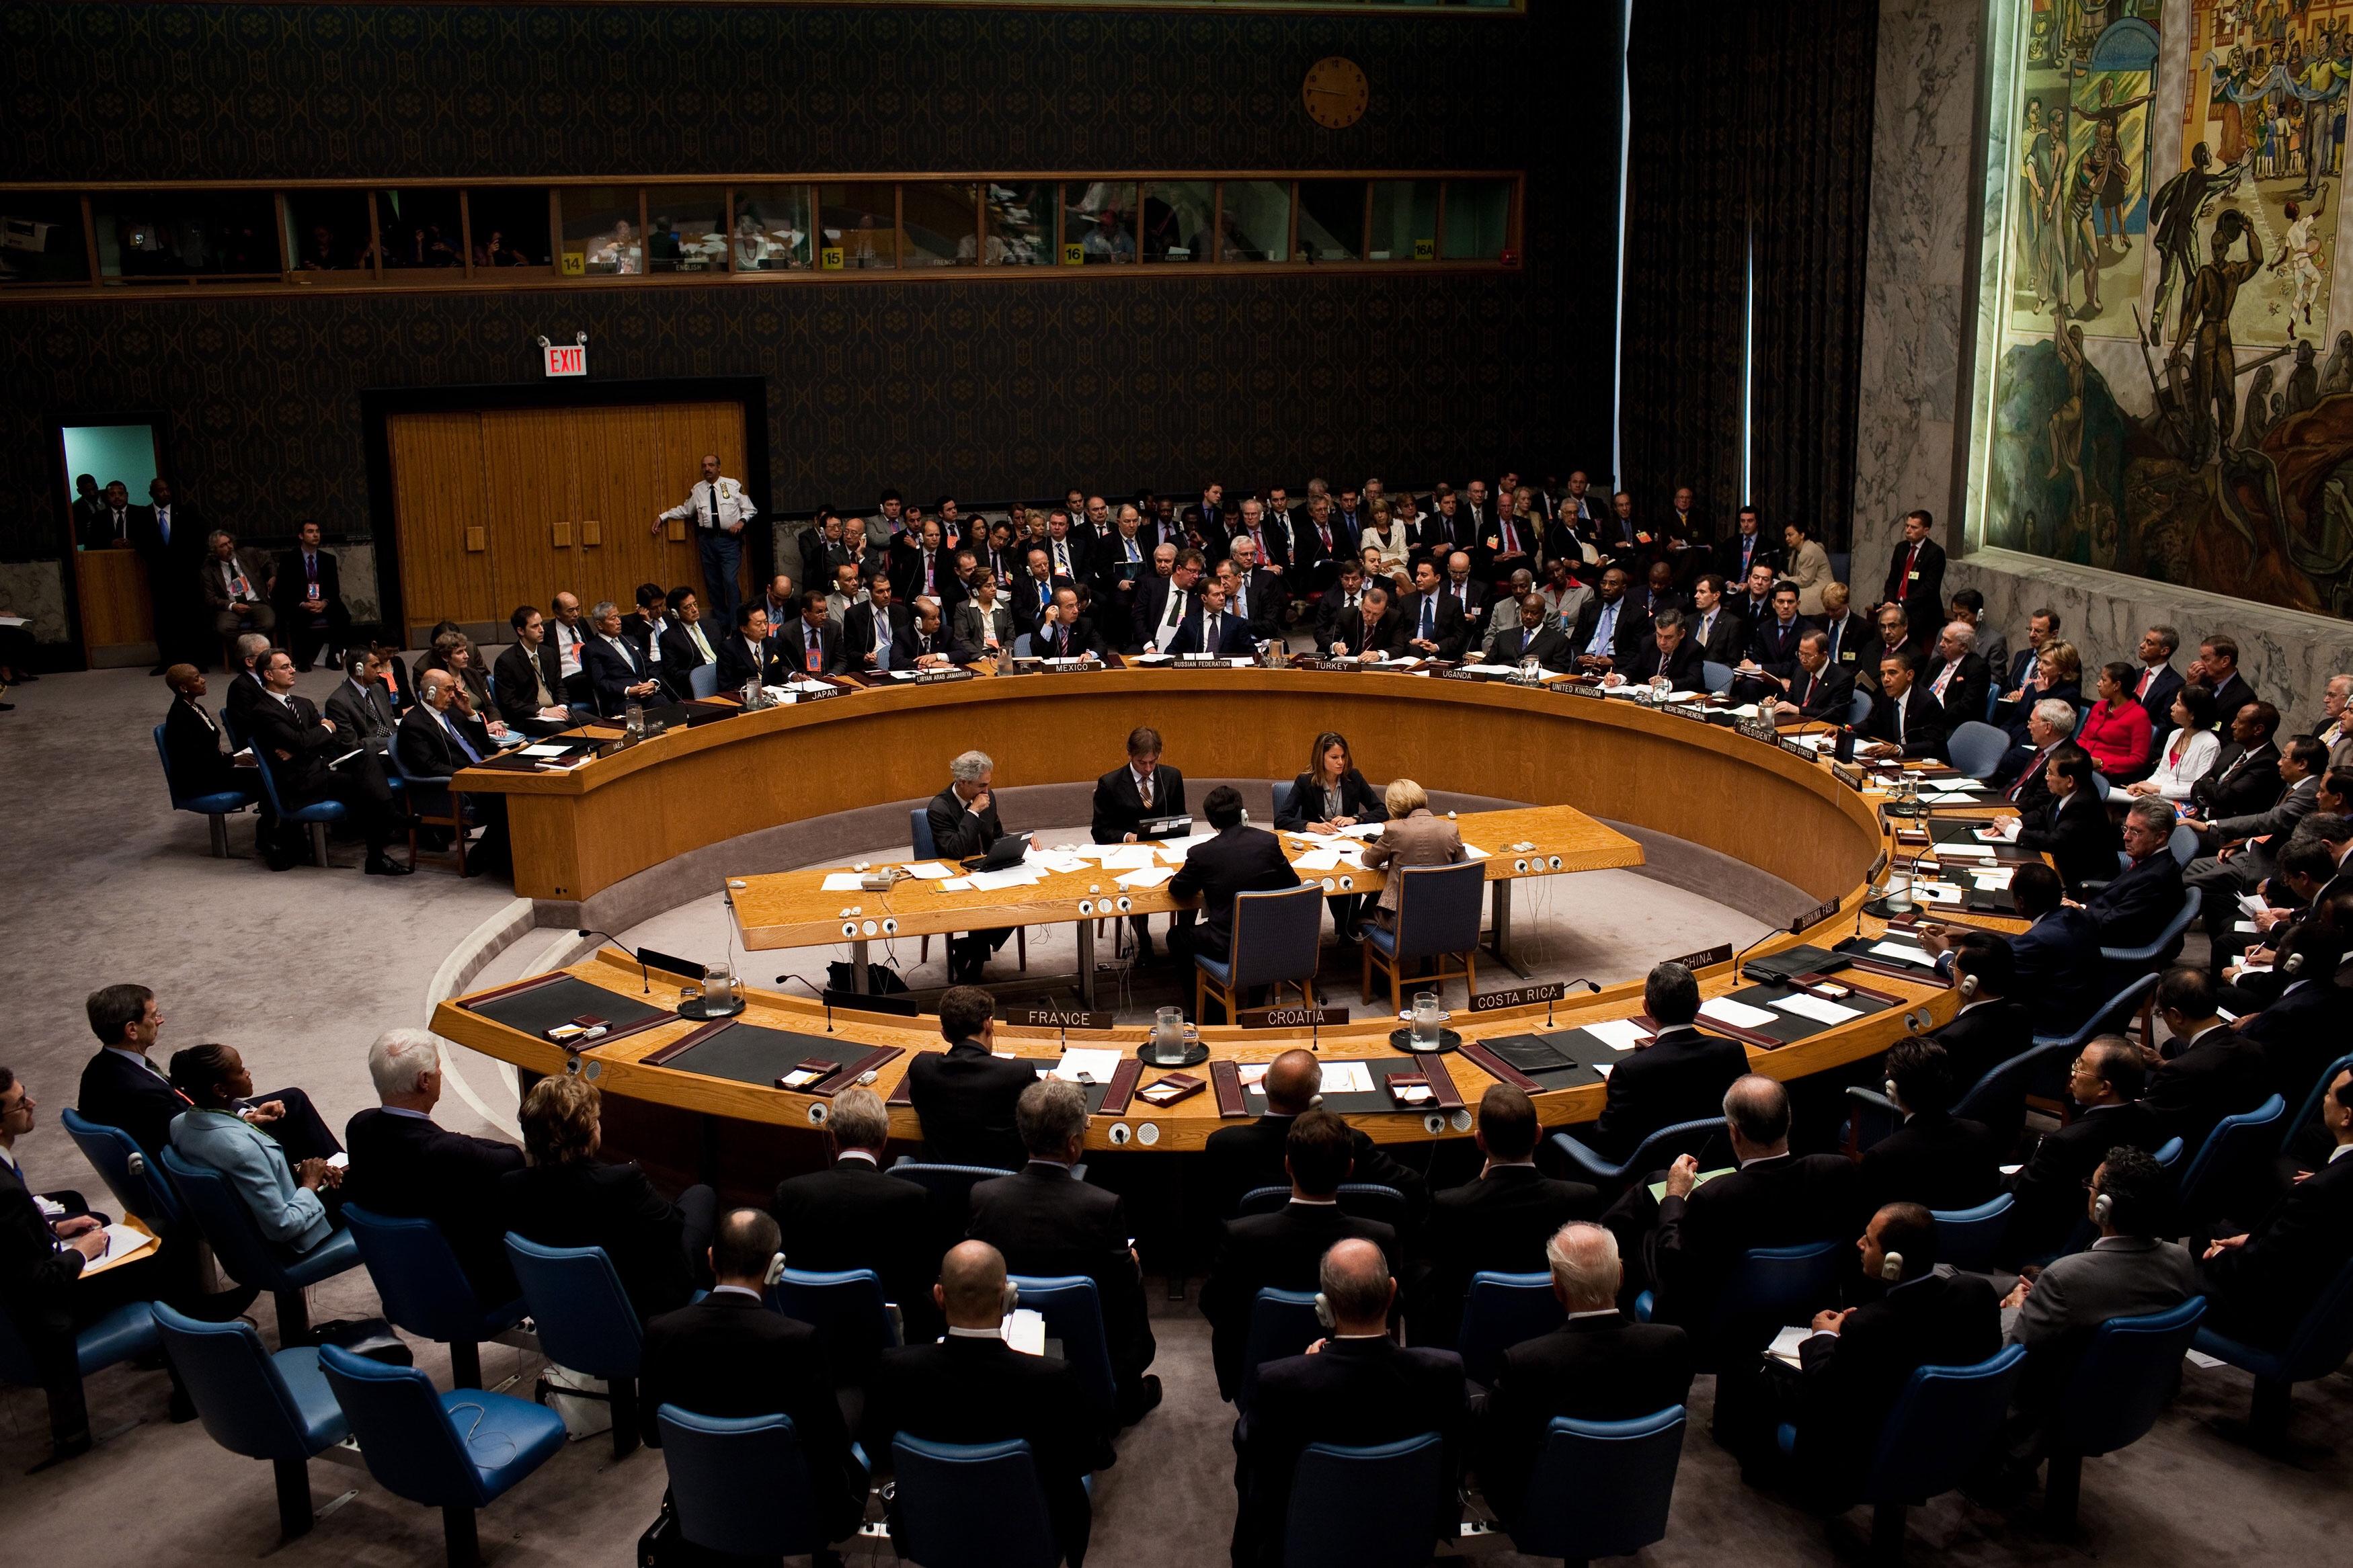 काश्मीर विषयावरून भारताचा चीनला इशारा